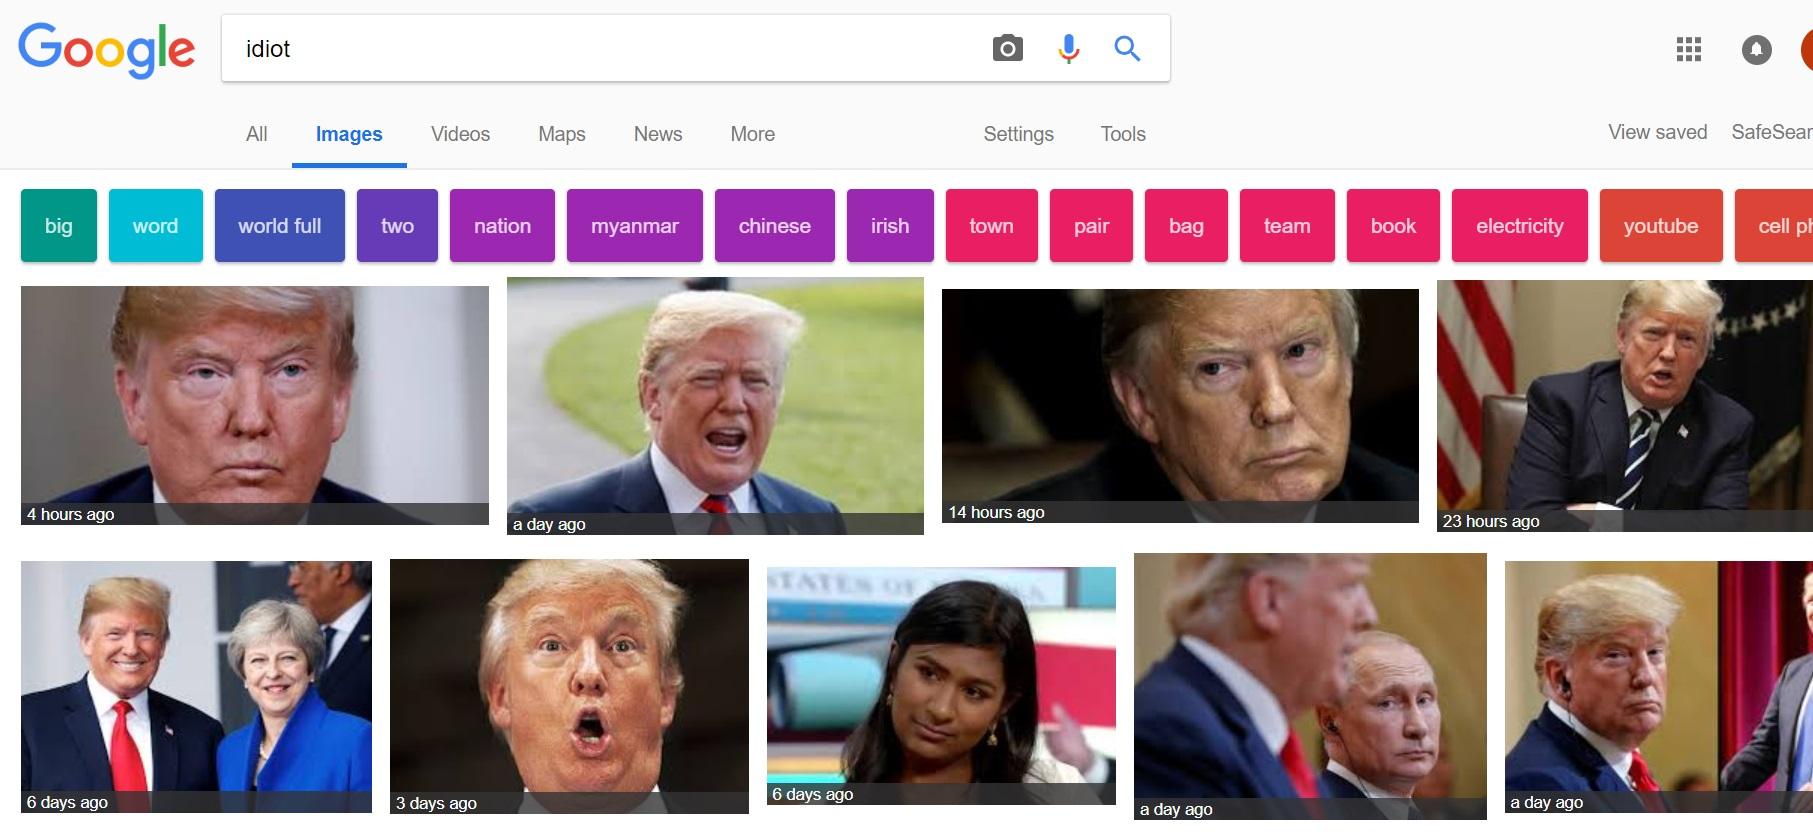 Результаты поиска идиота